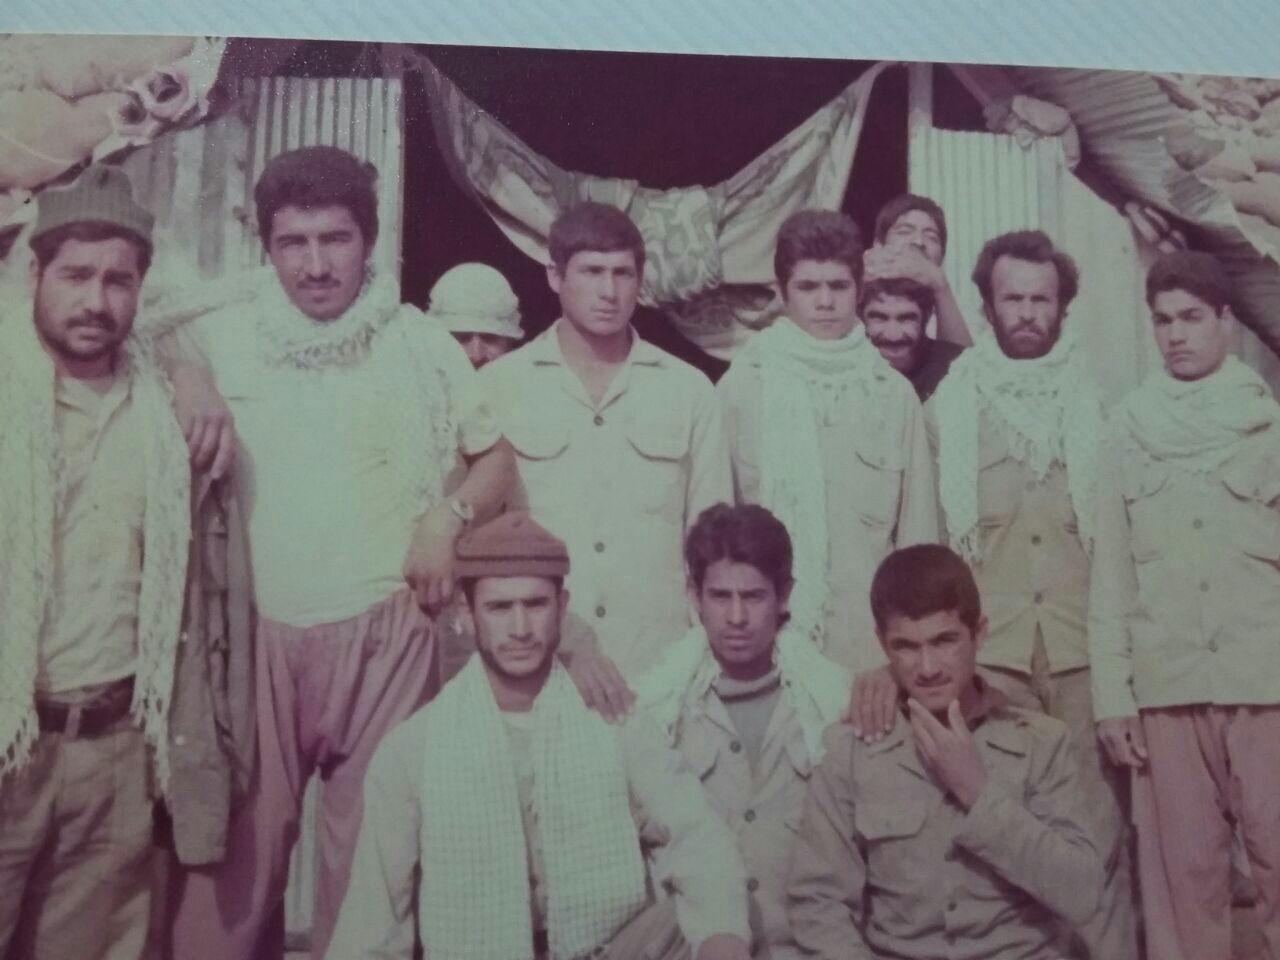 عکس دست جمعی از اهالی روستا بمرود در جبهه